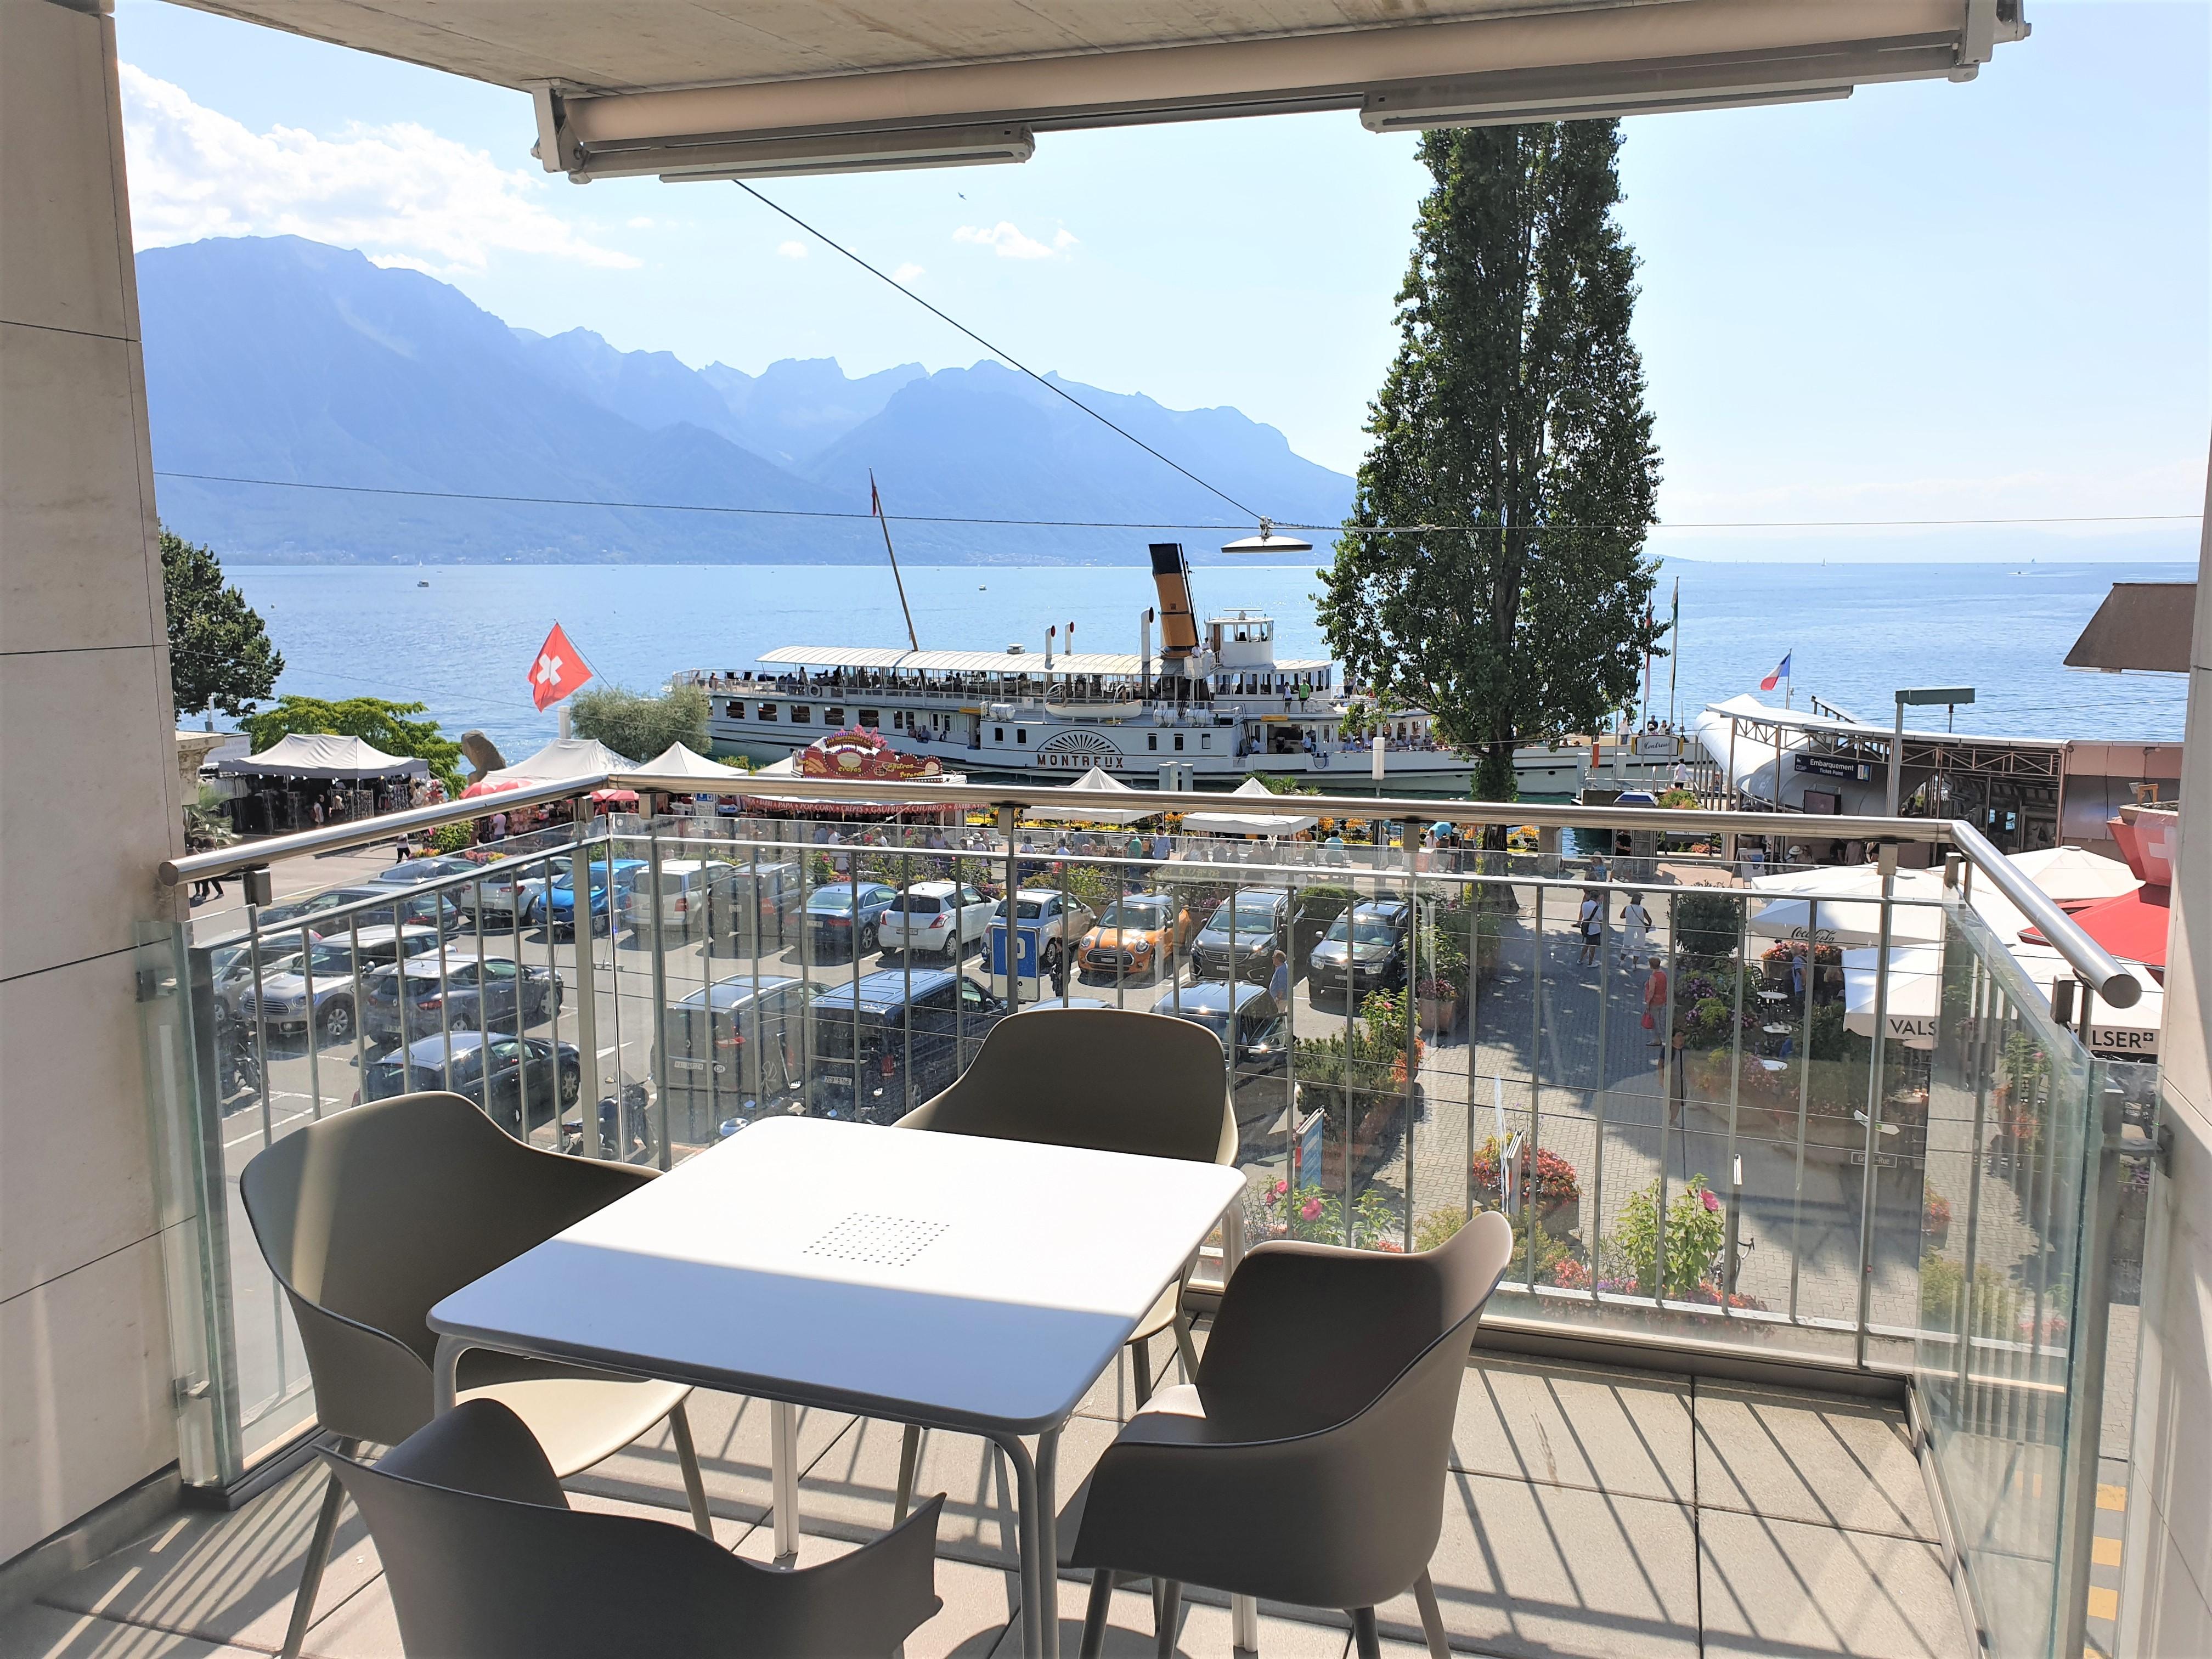 247 Concierge Montreux LUX - 3 Bedroom Apt. No. 2, Pays-d'Enhaut